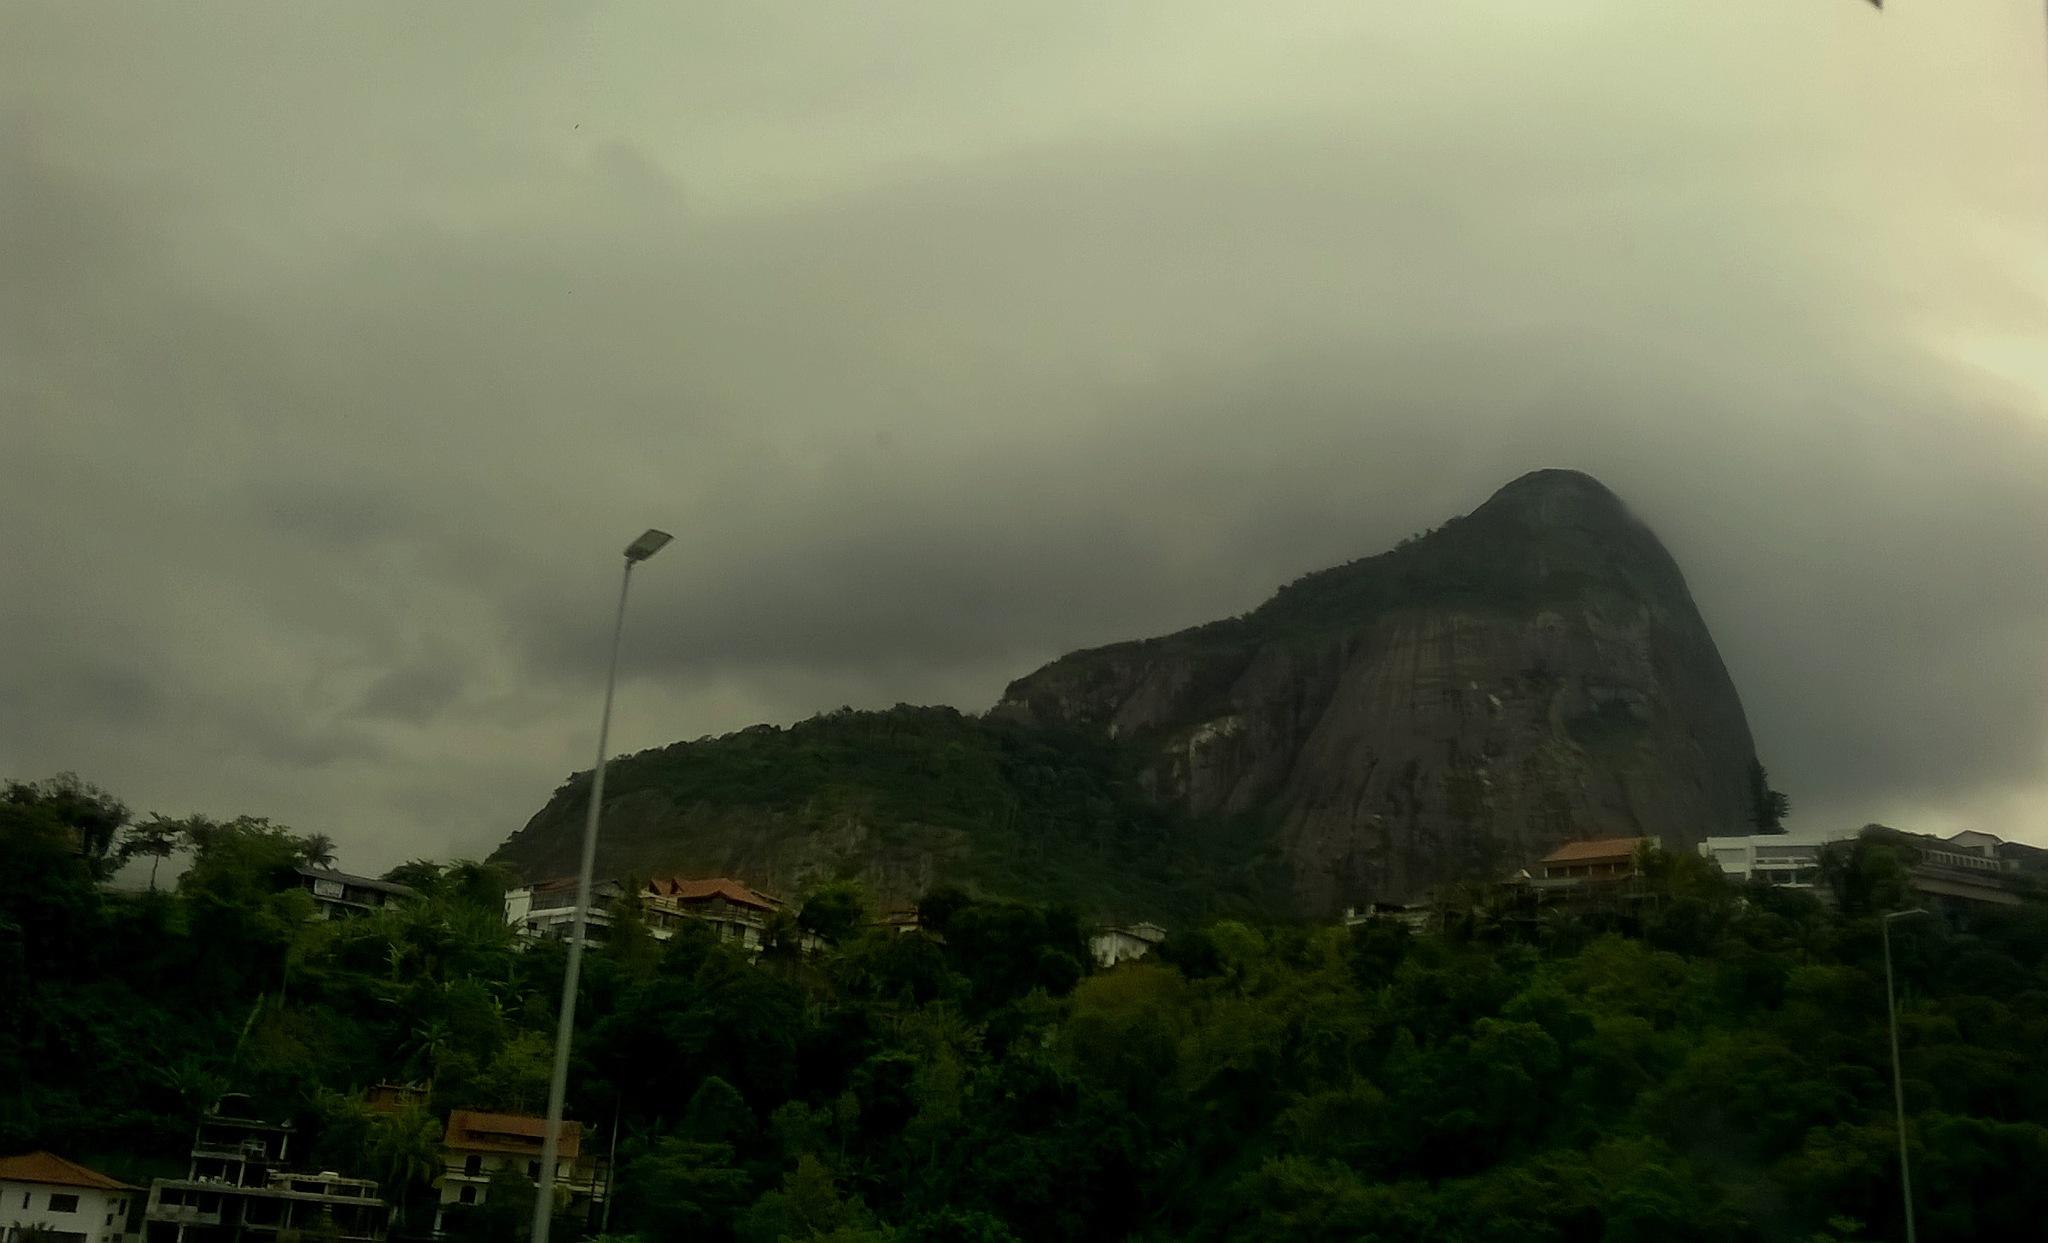 Pedra da Gávea by Nascimento